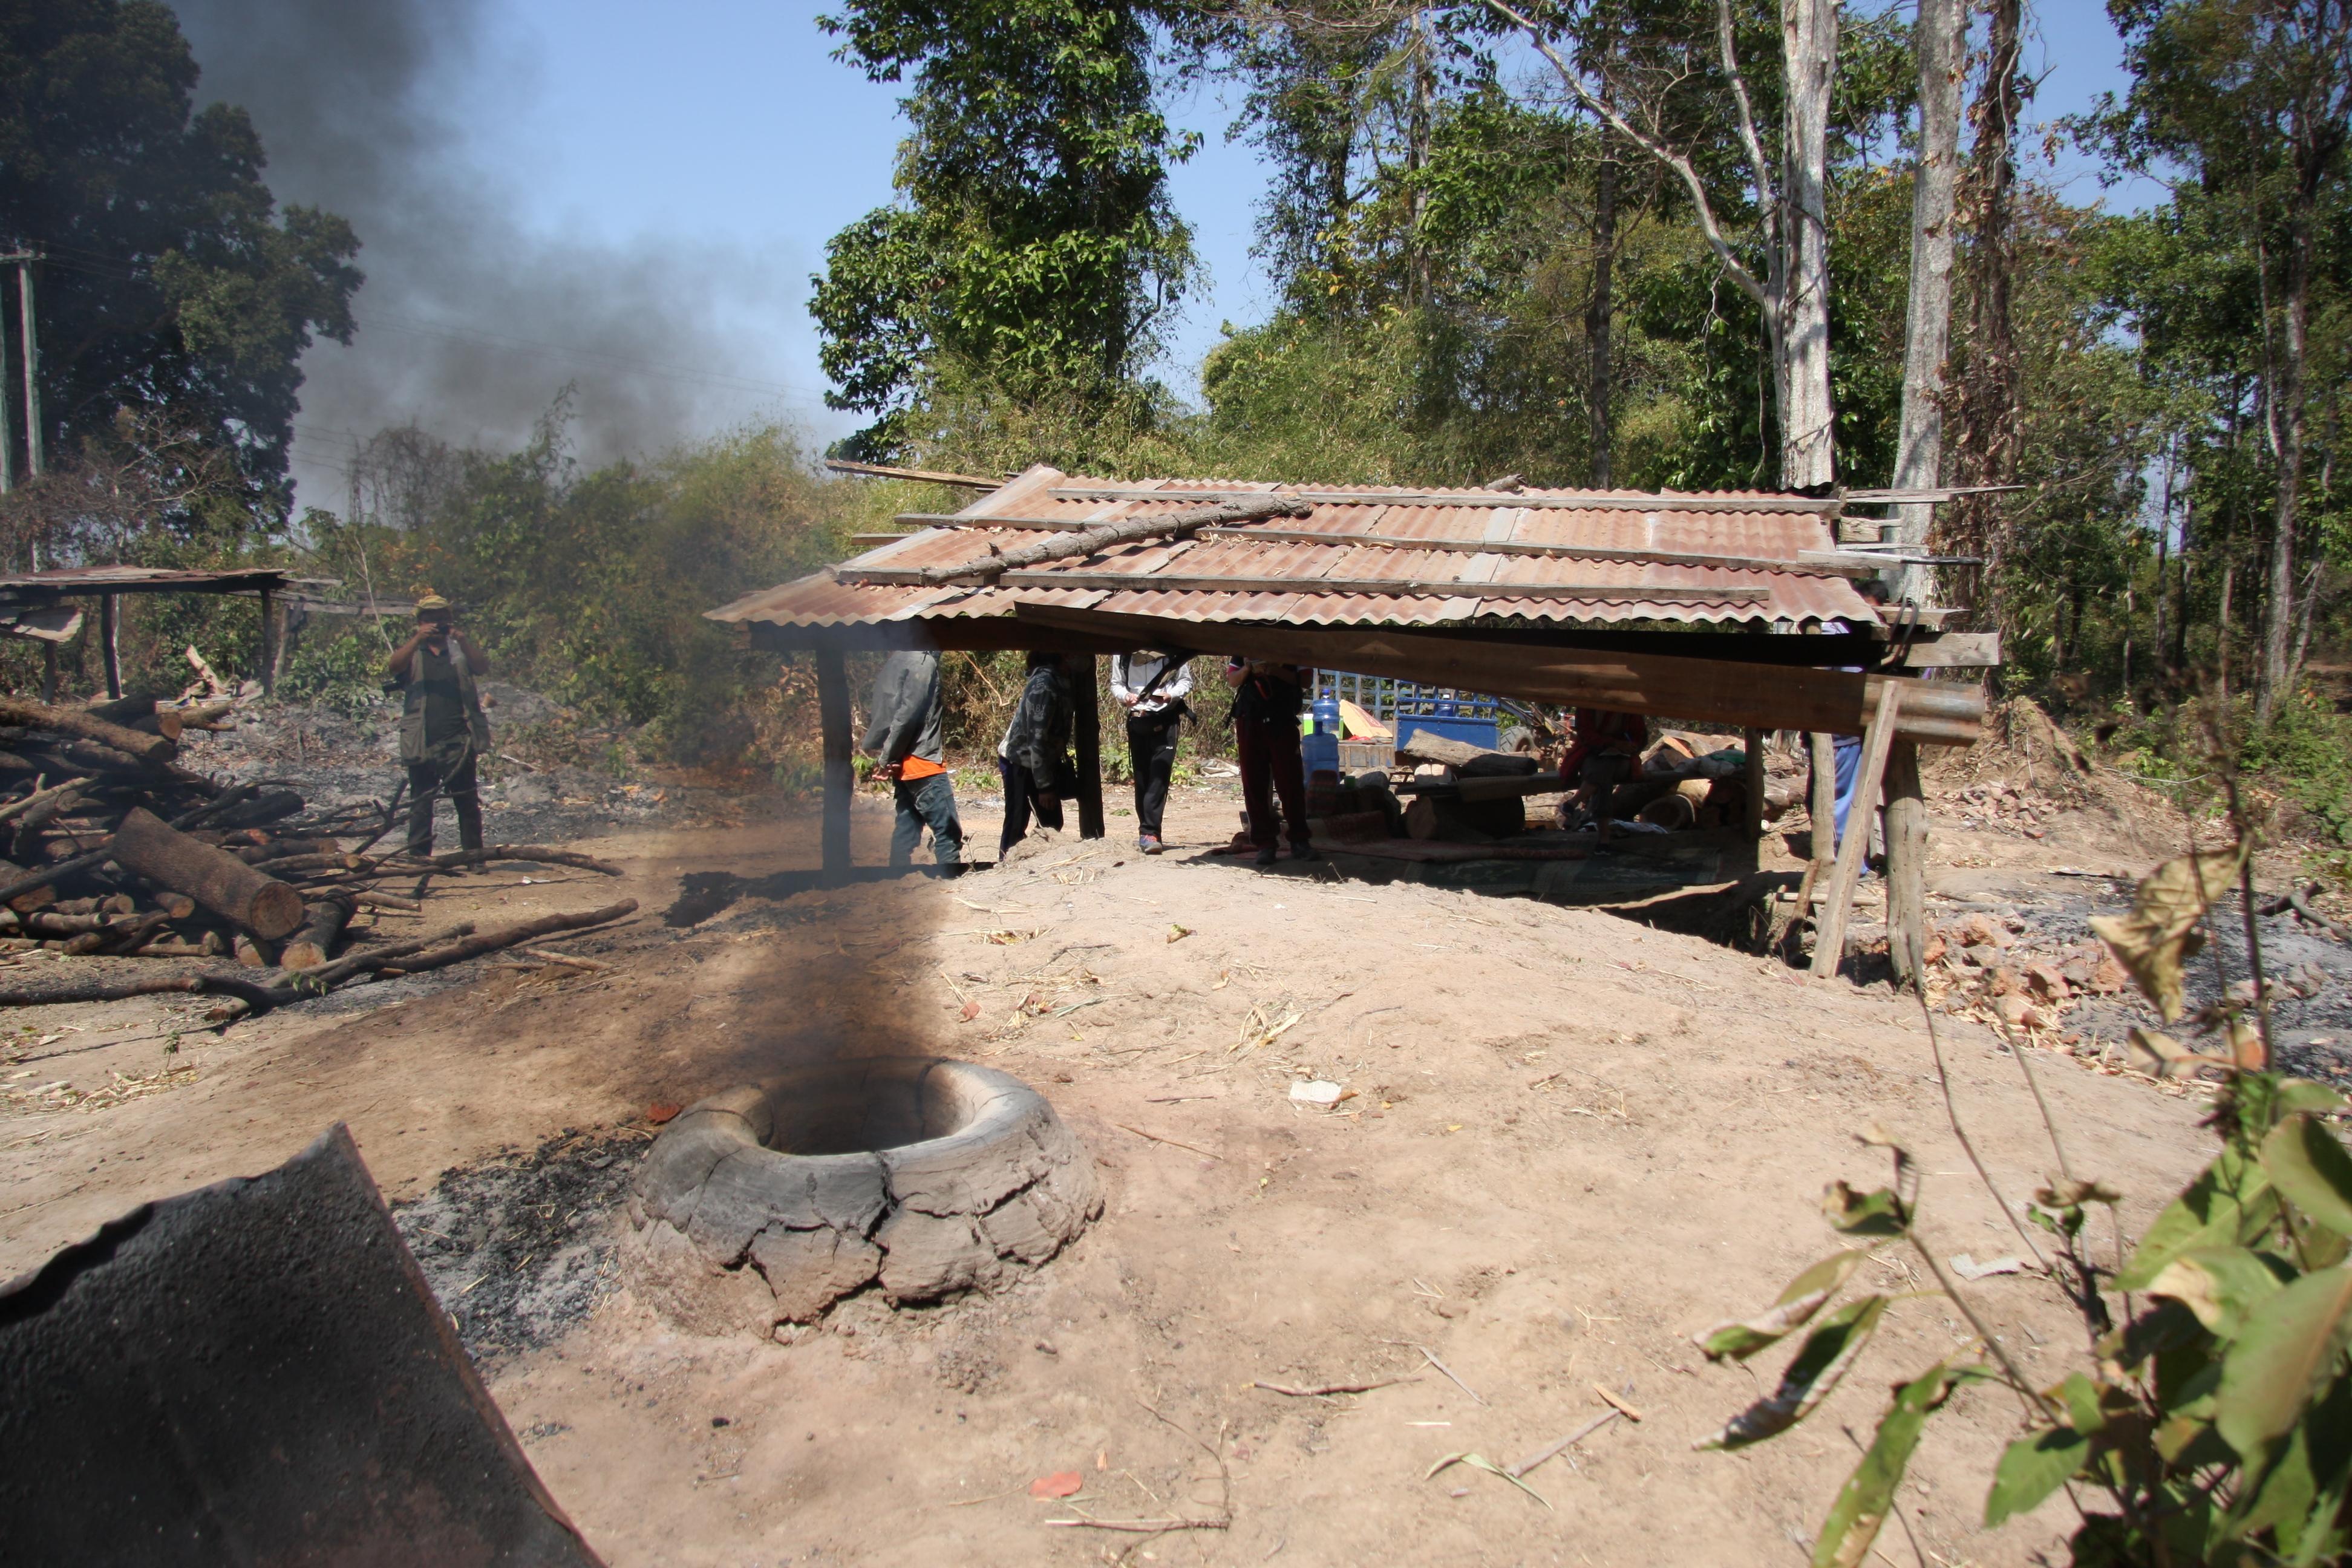 写真7 ノン・ボク村の窖窯で焼成する様子②(撮影:筆者)